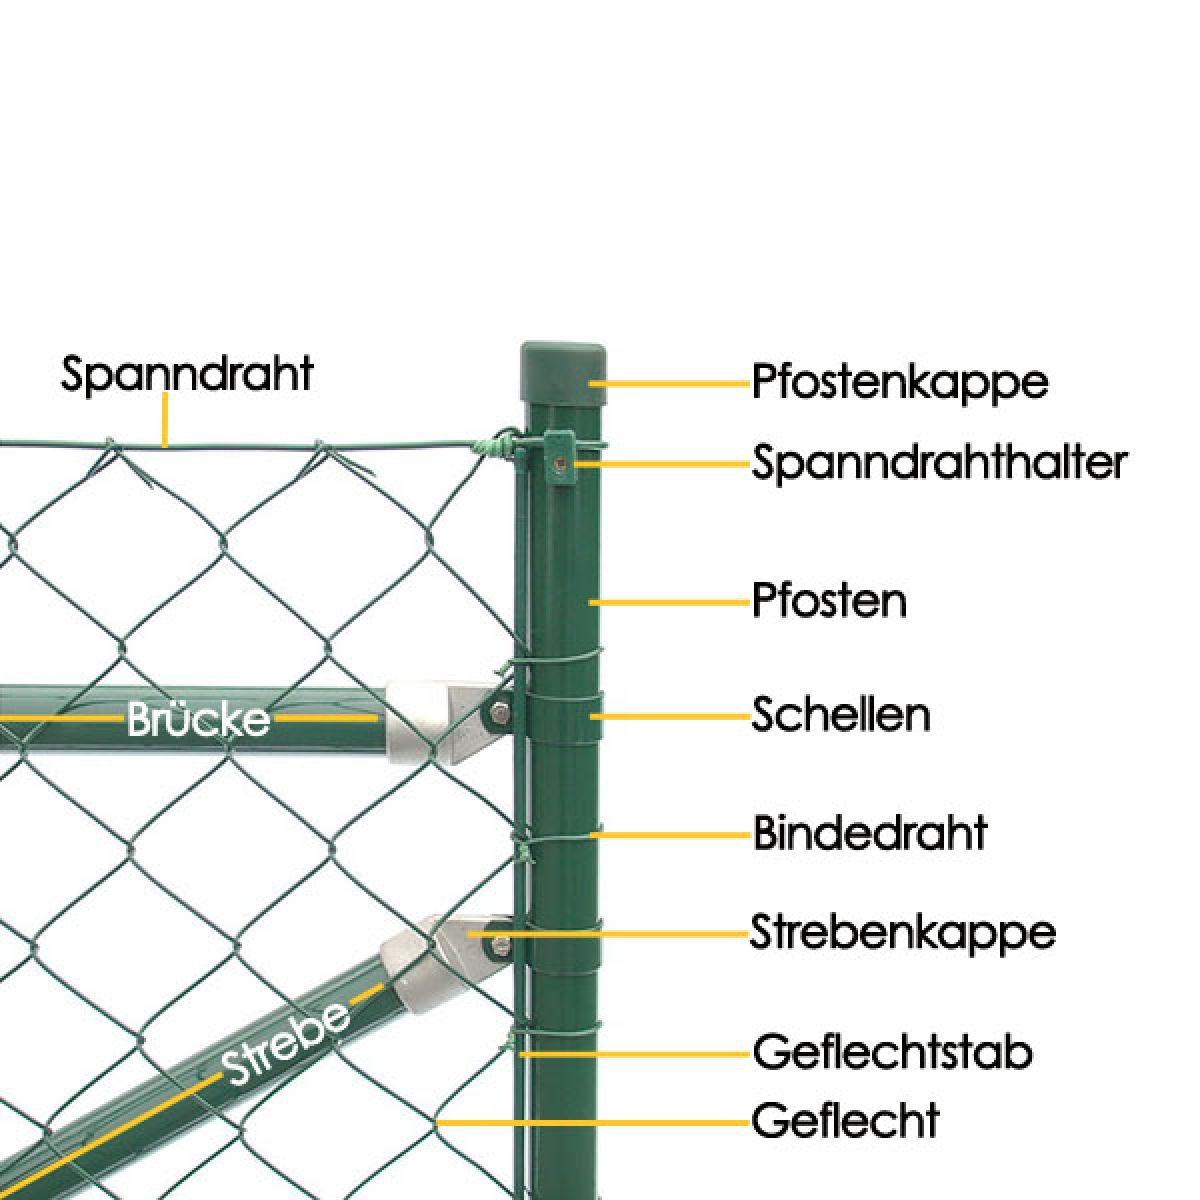 Beste Kona Strähne Ti Rahmen Bilder - Benutzerdefinierte ...